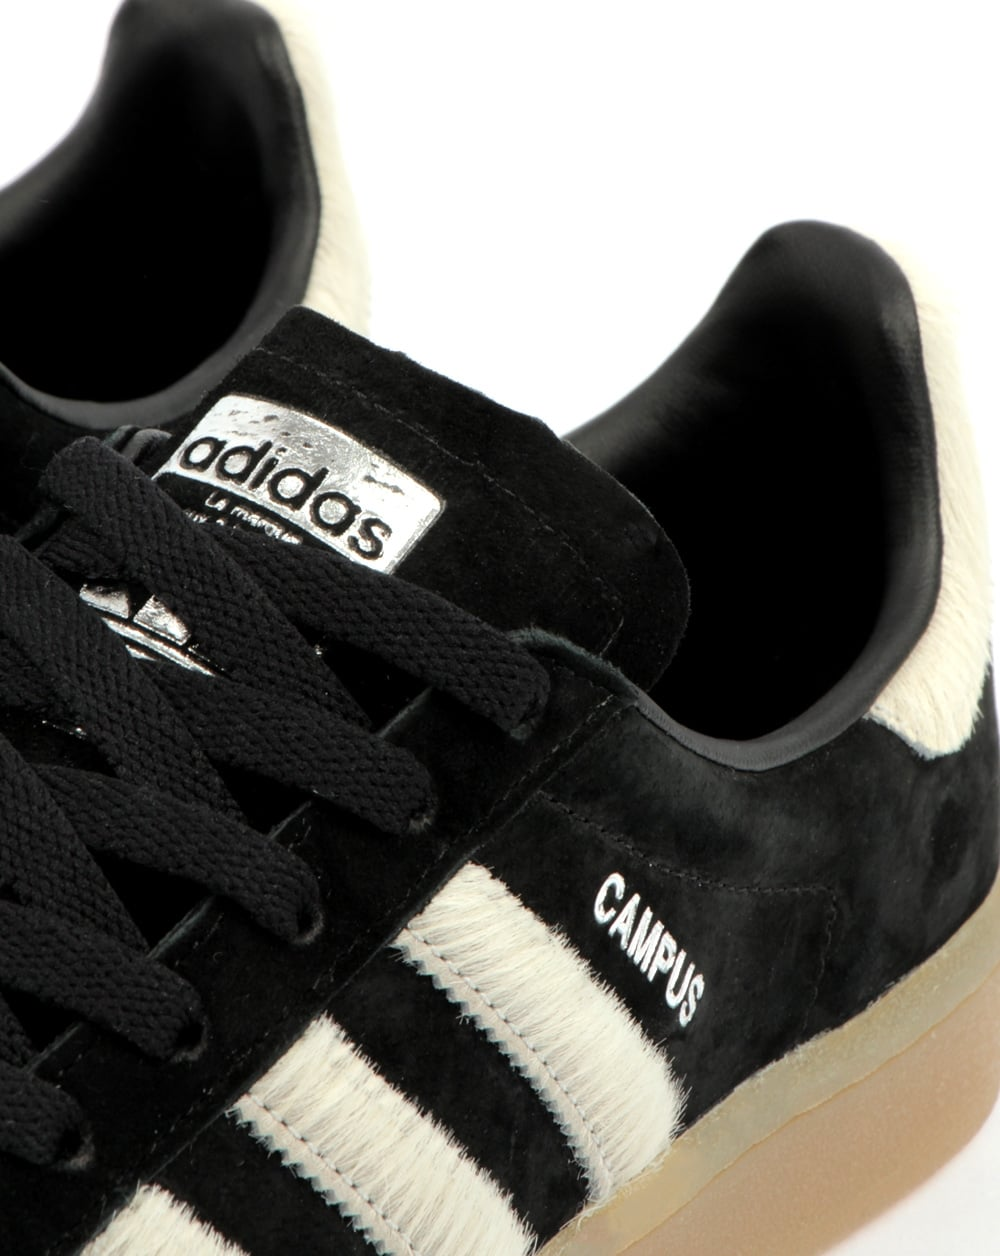 Adidas Campus Trainers Black/white/gum